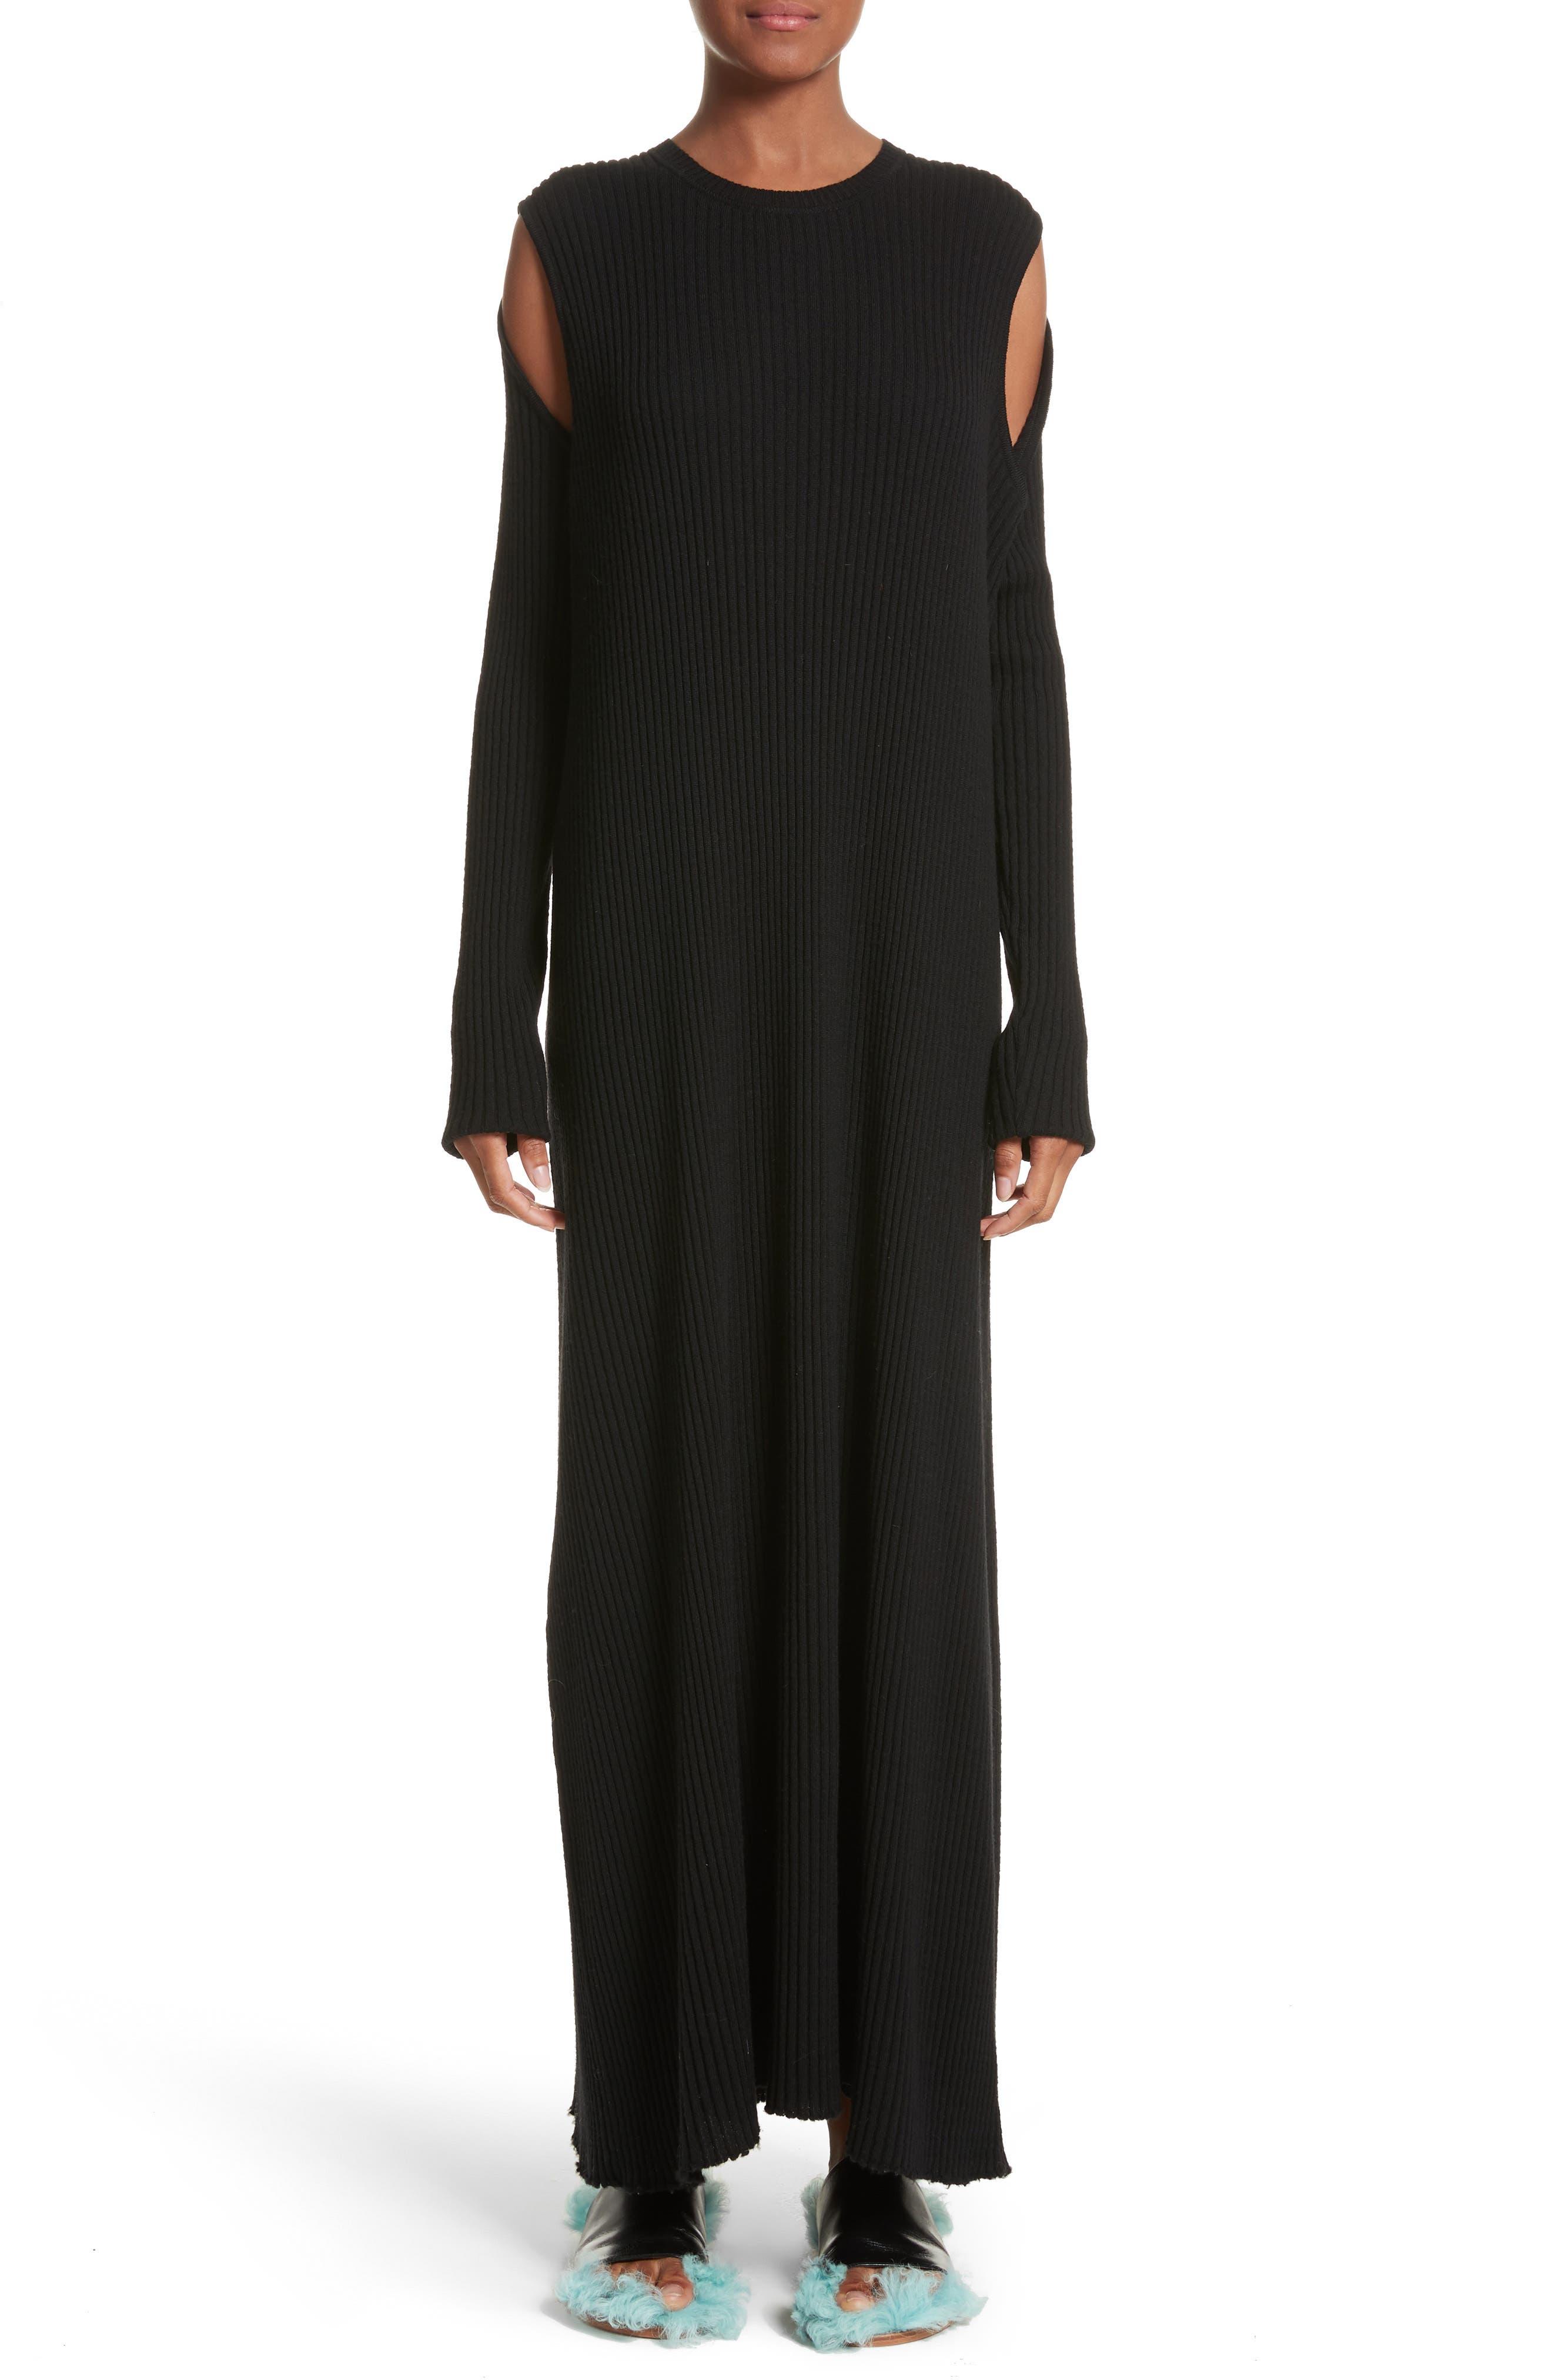 Marques'Almeida Ribbed Cold Shoulder Maxi Dress,                         Main,                         color, Black